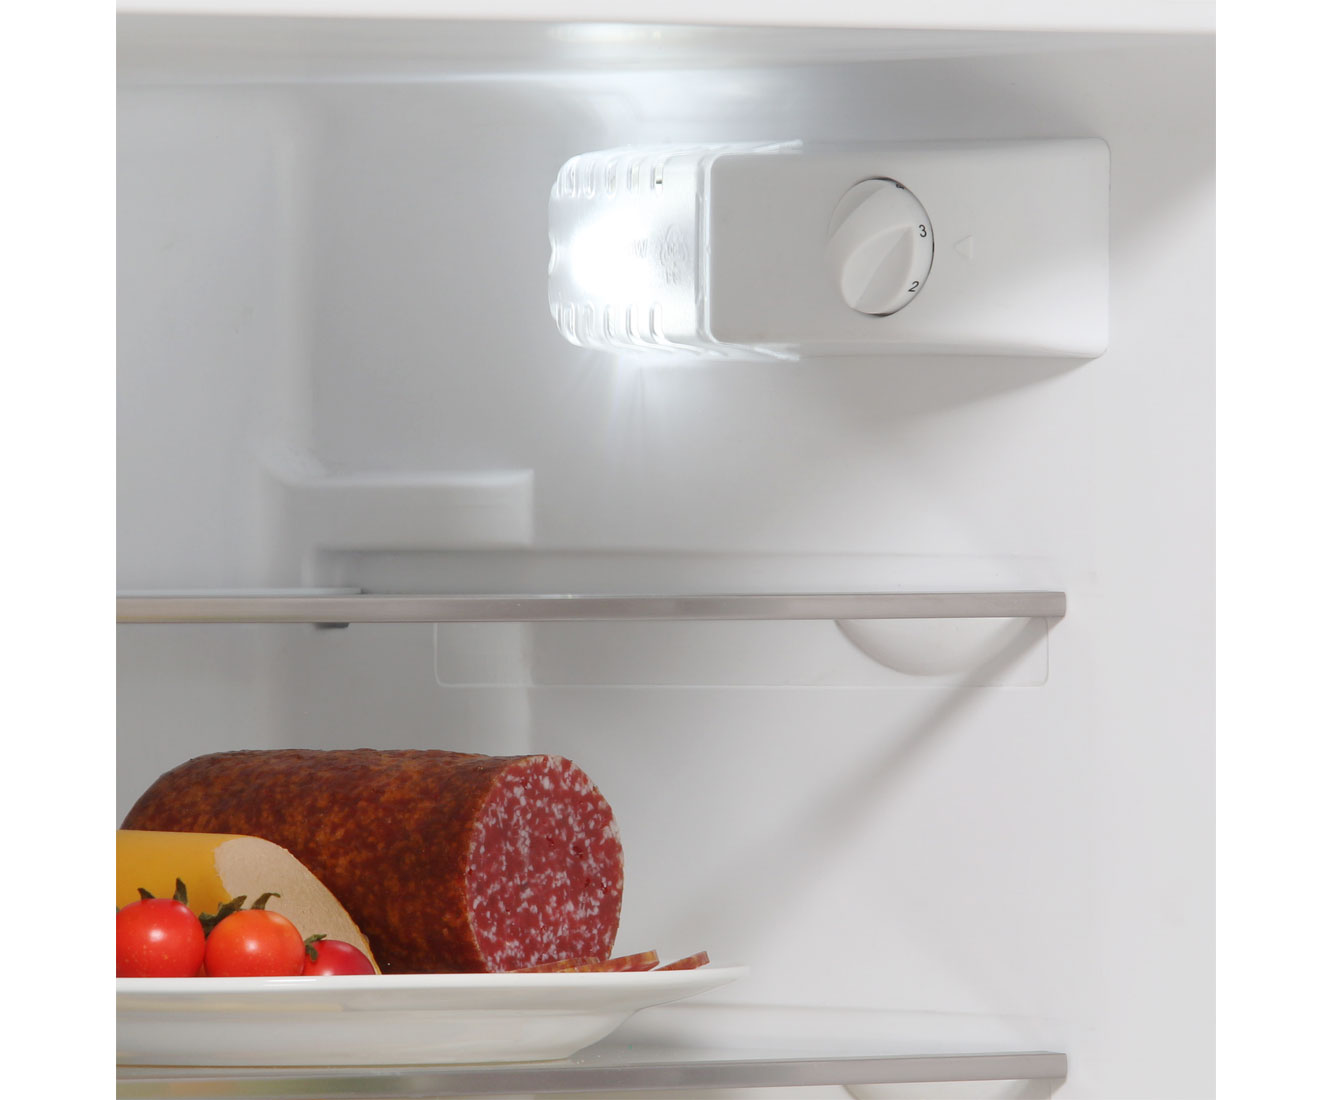 Amica Kühlschrank Griff : Amica evks einbau kühlschrank er nische schlepptür